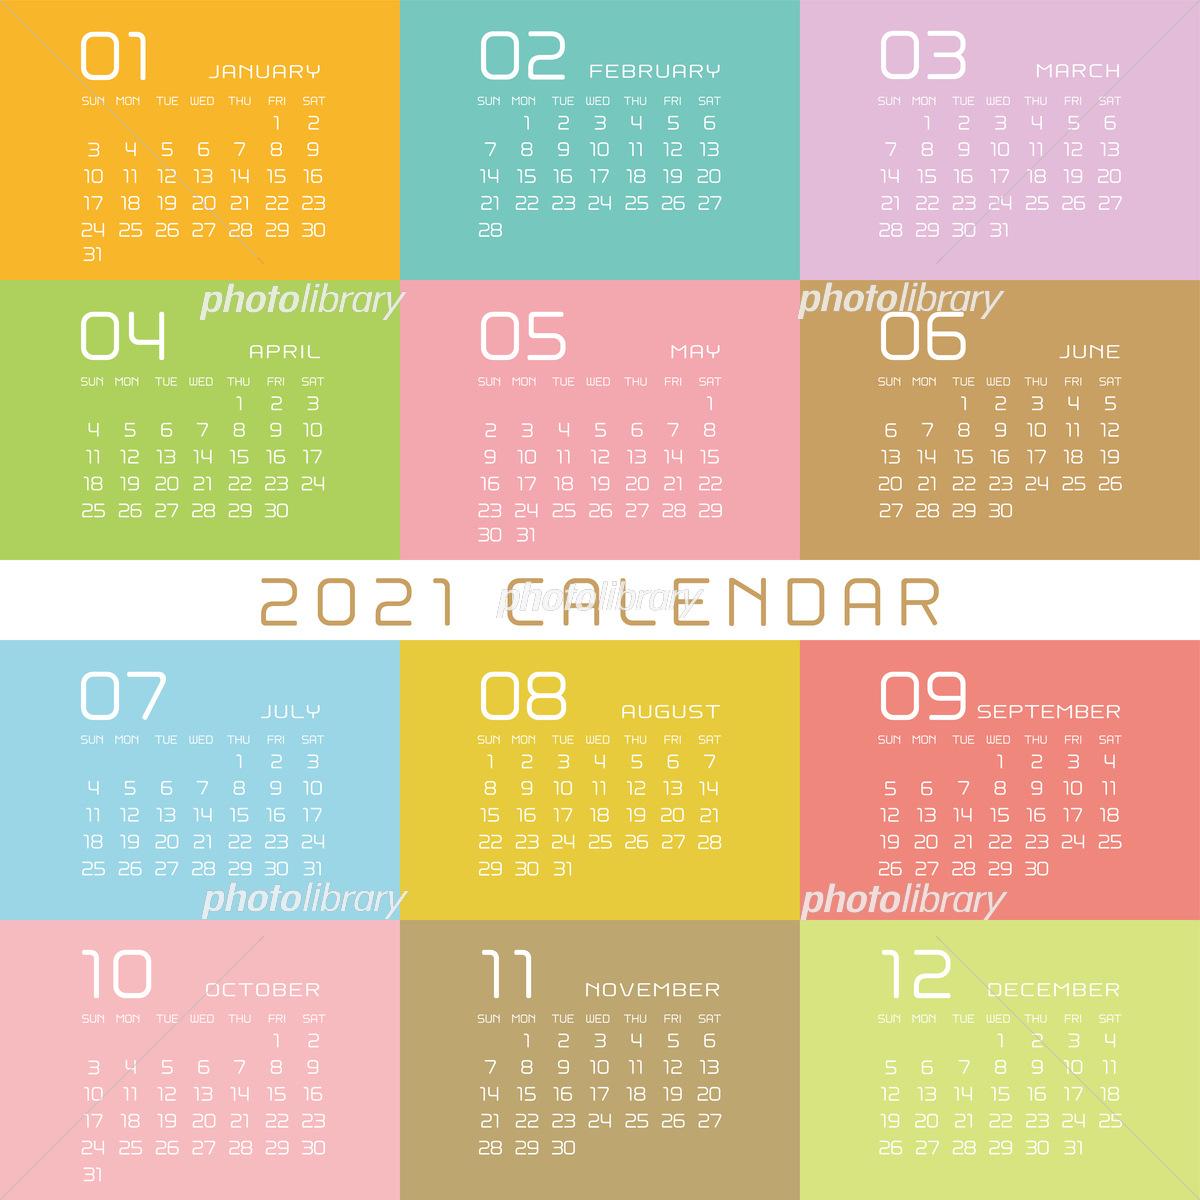 祝日 カレンダー 2021 年